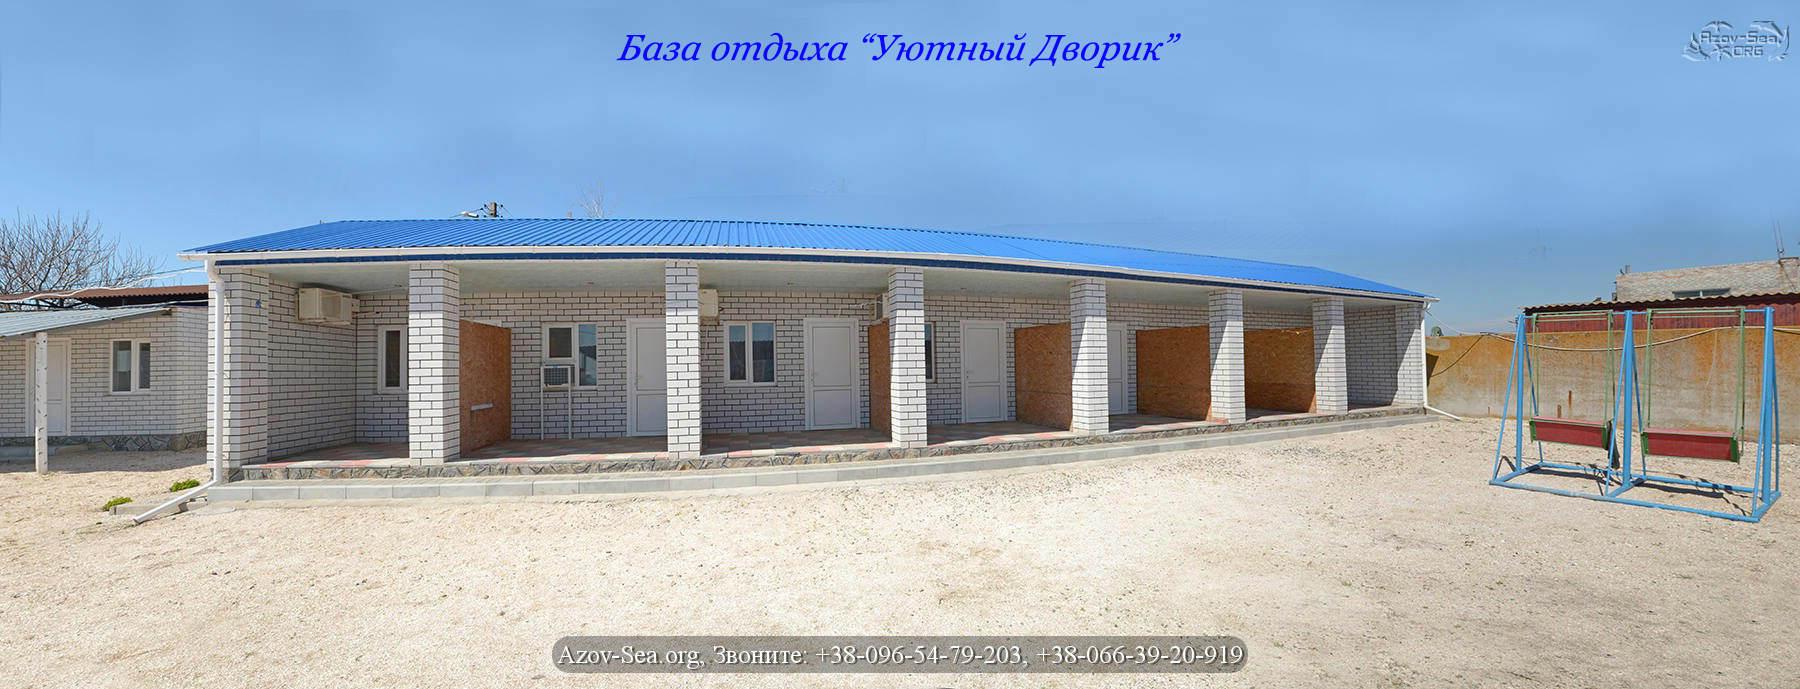 База отдыха Уютный Дворик. Степановка Первая.